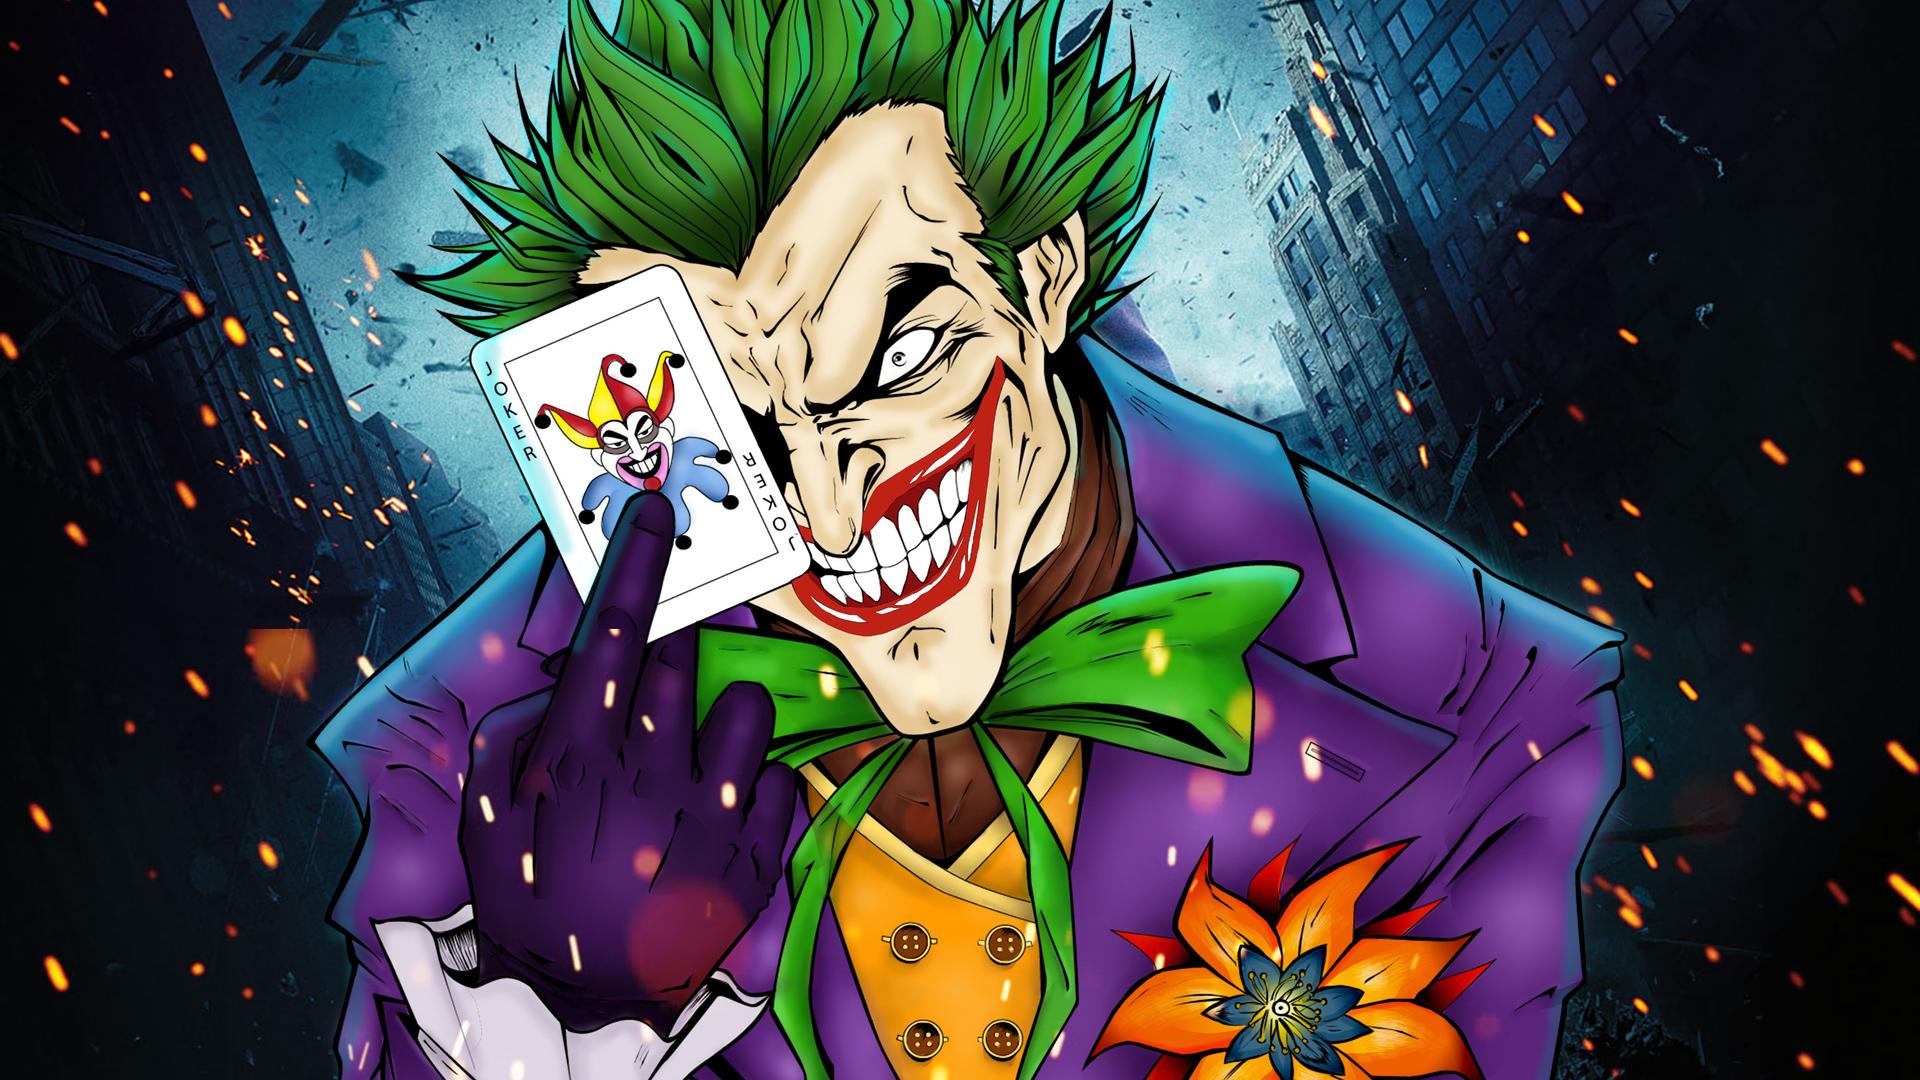 Joker 4K Art Wallpaper